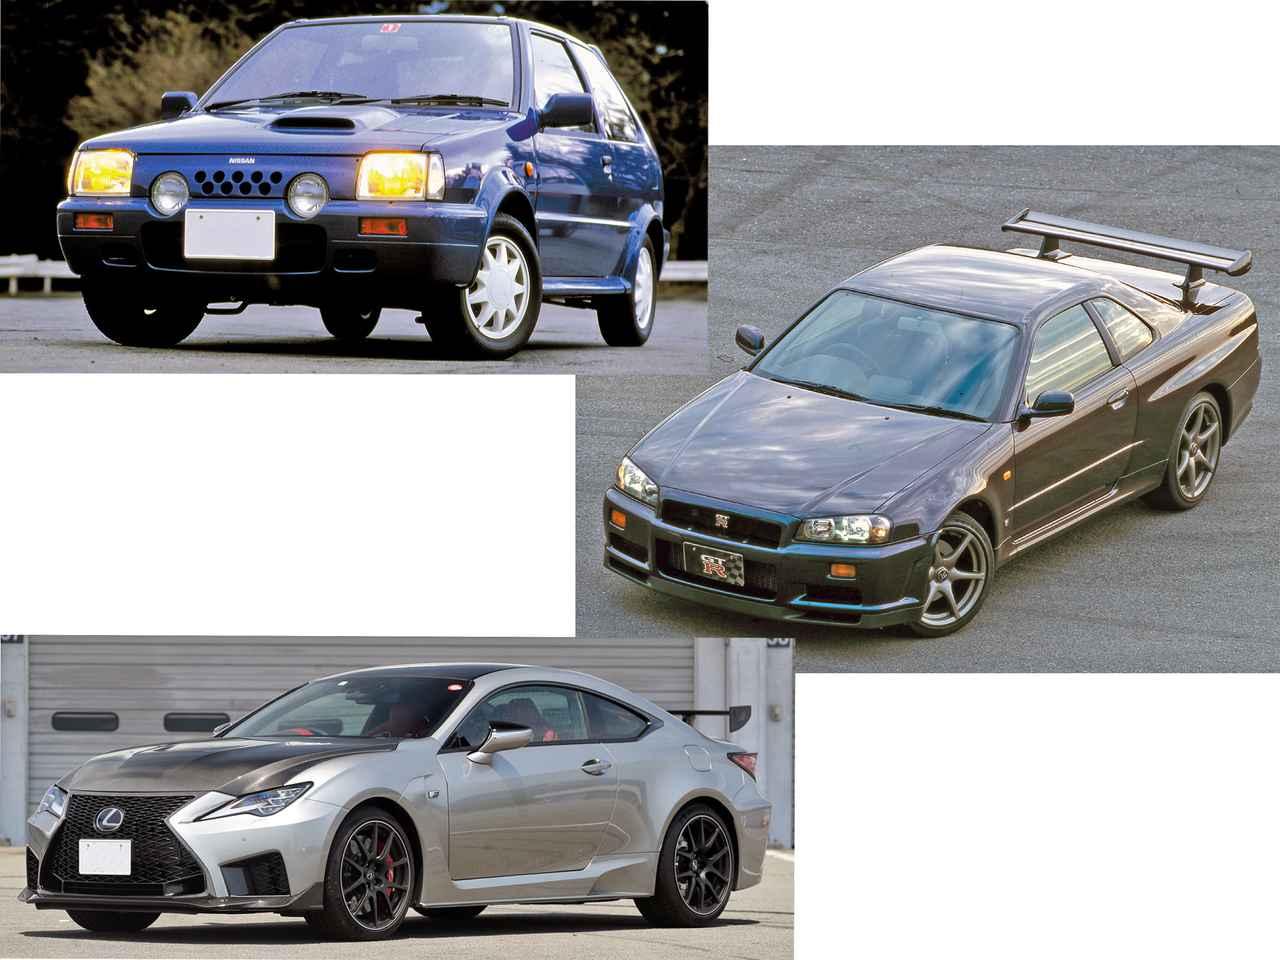 【平成スポーツPVランク】「平成」を代表するスポーツカーのTop10をふり返る